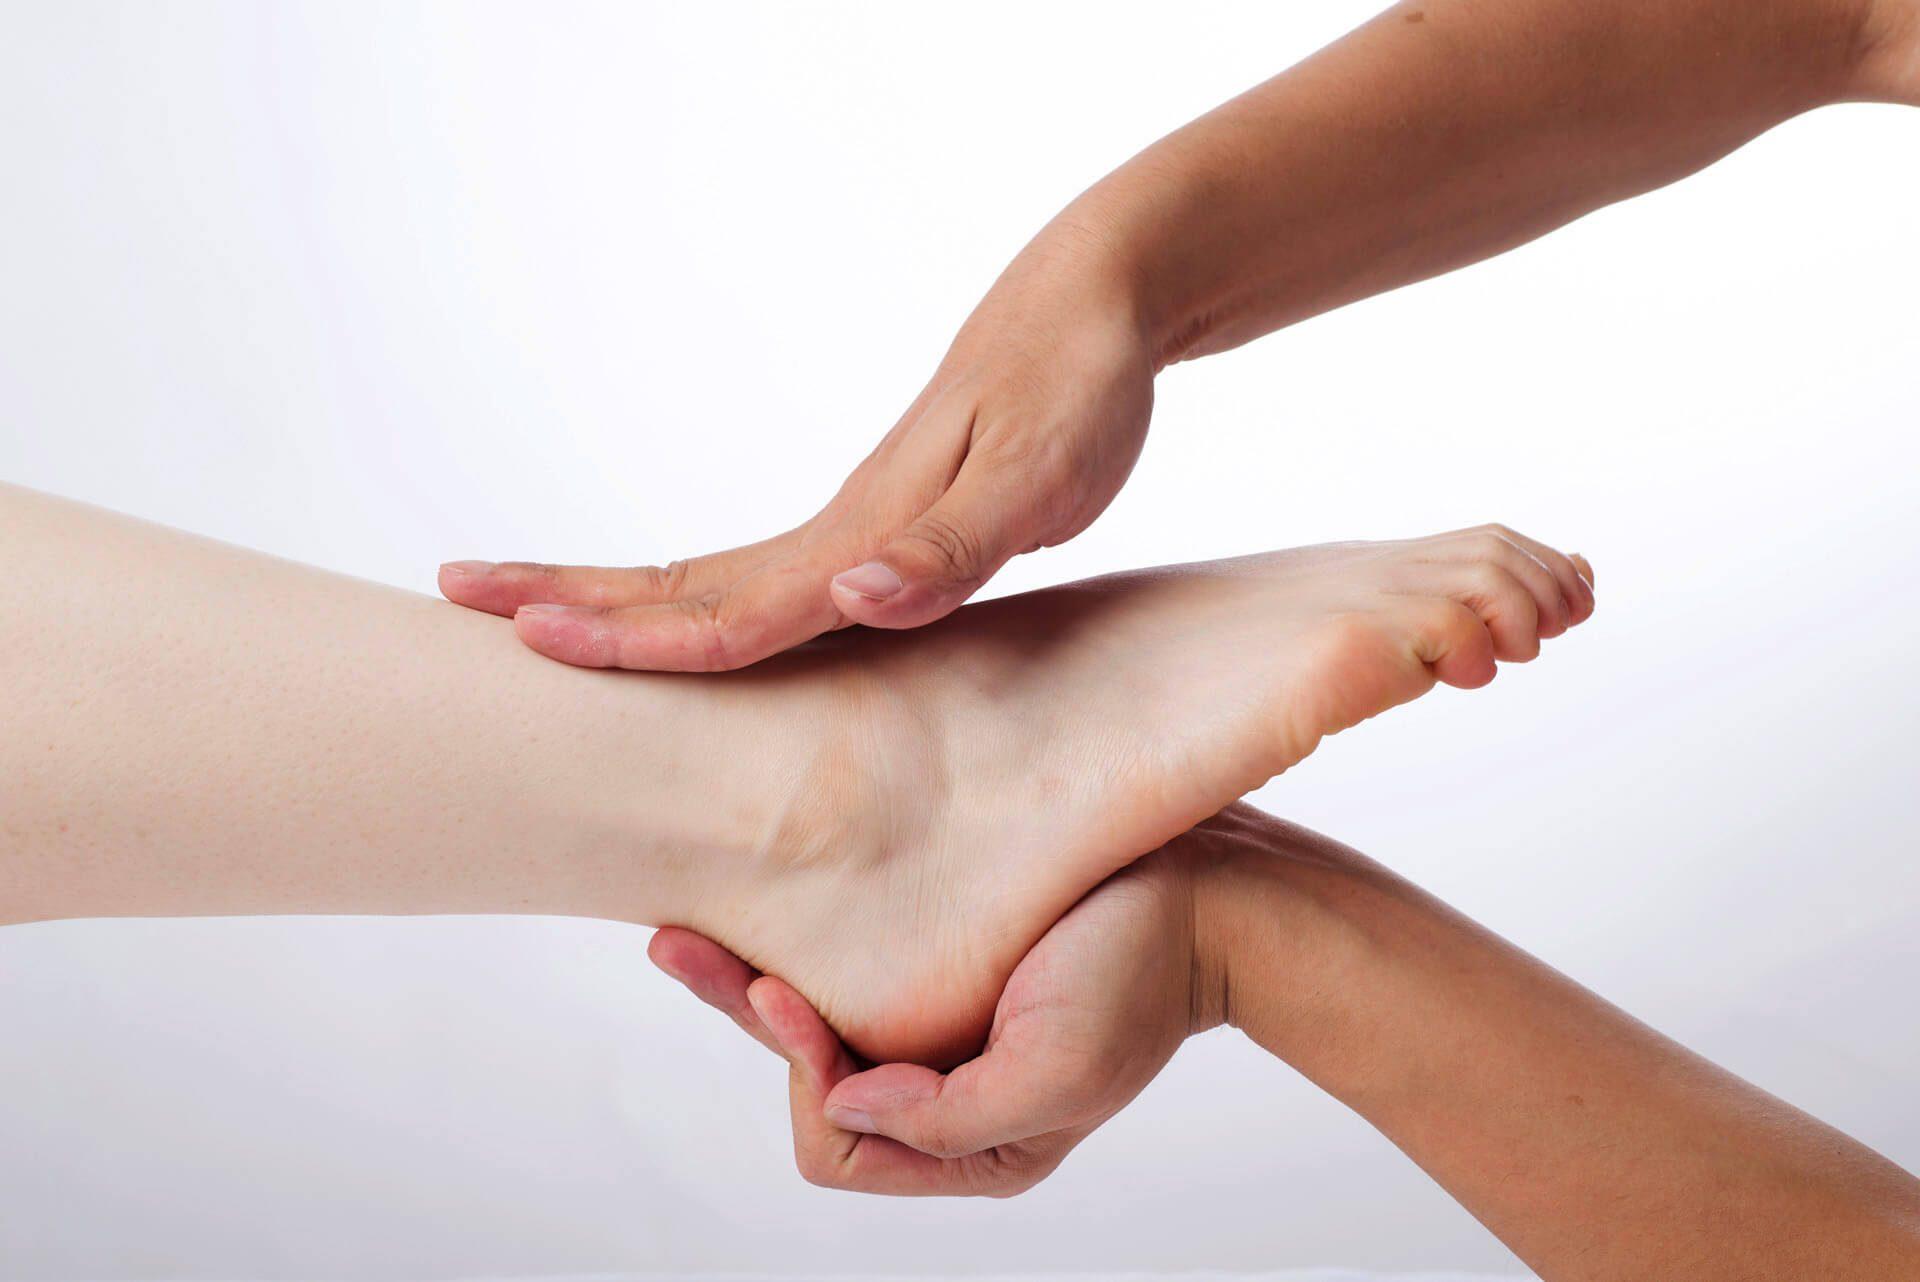 élément bois réflexologie plantaire massage des pieds chinois